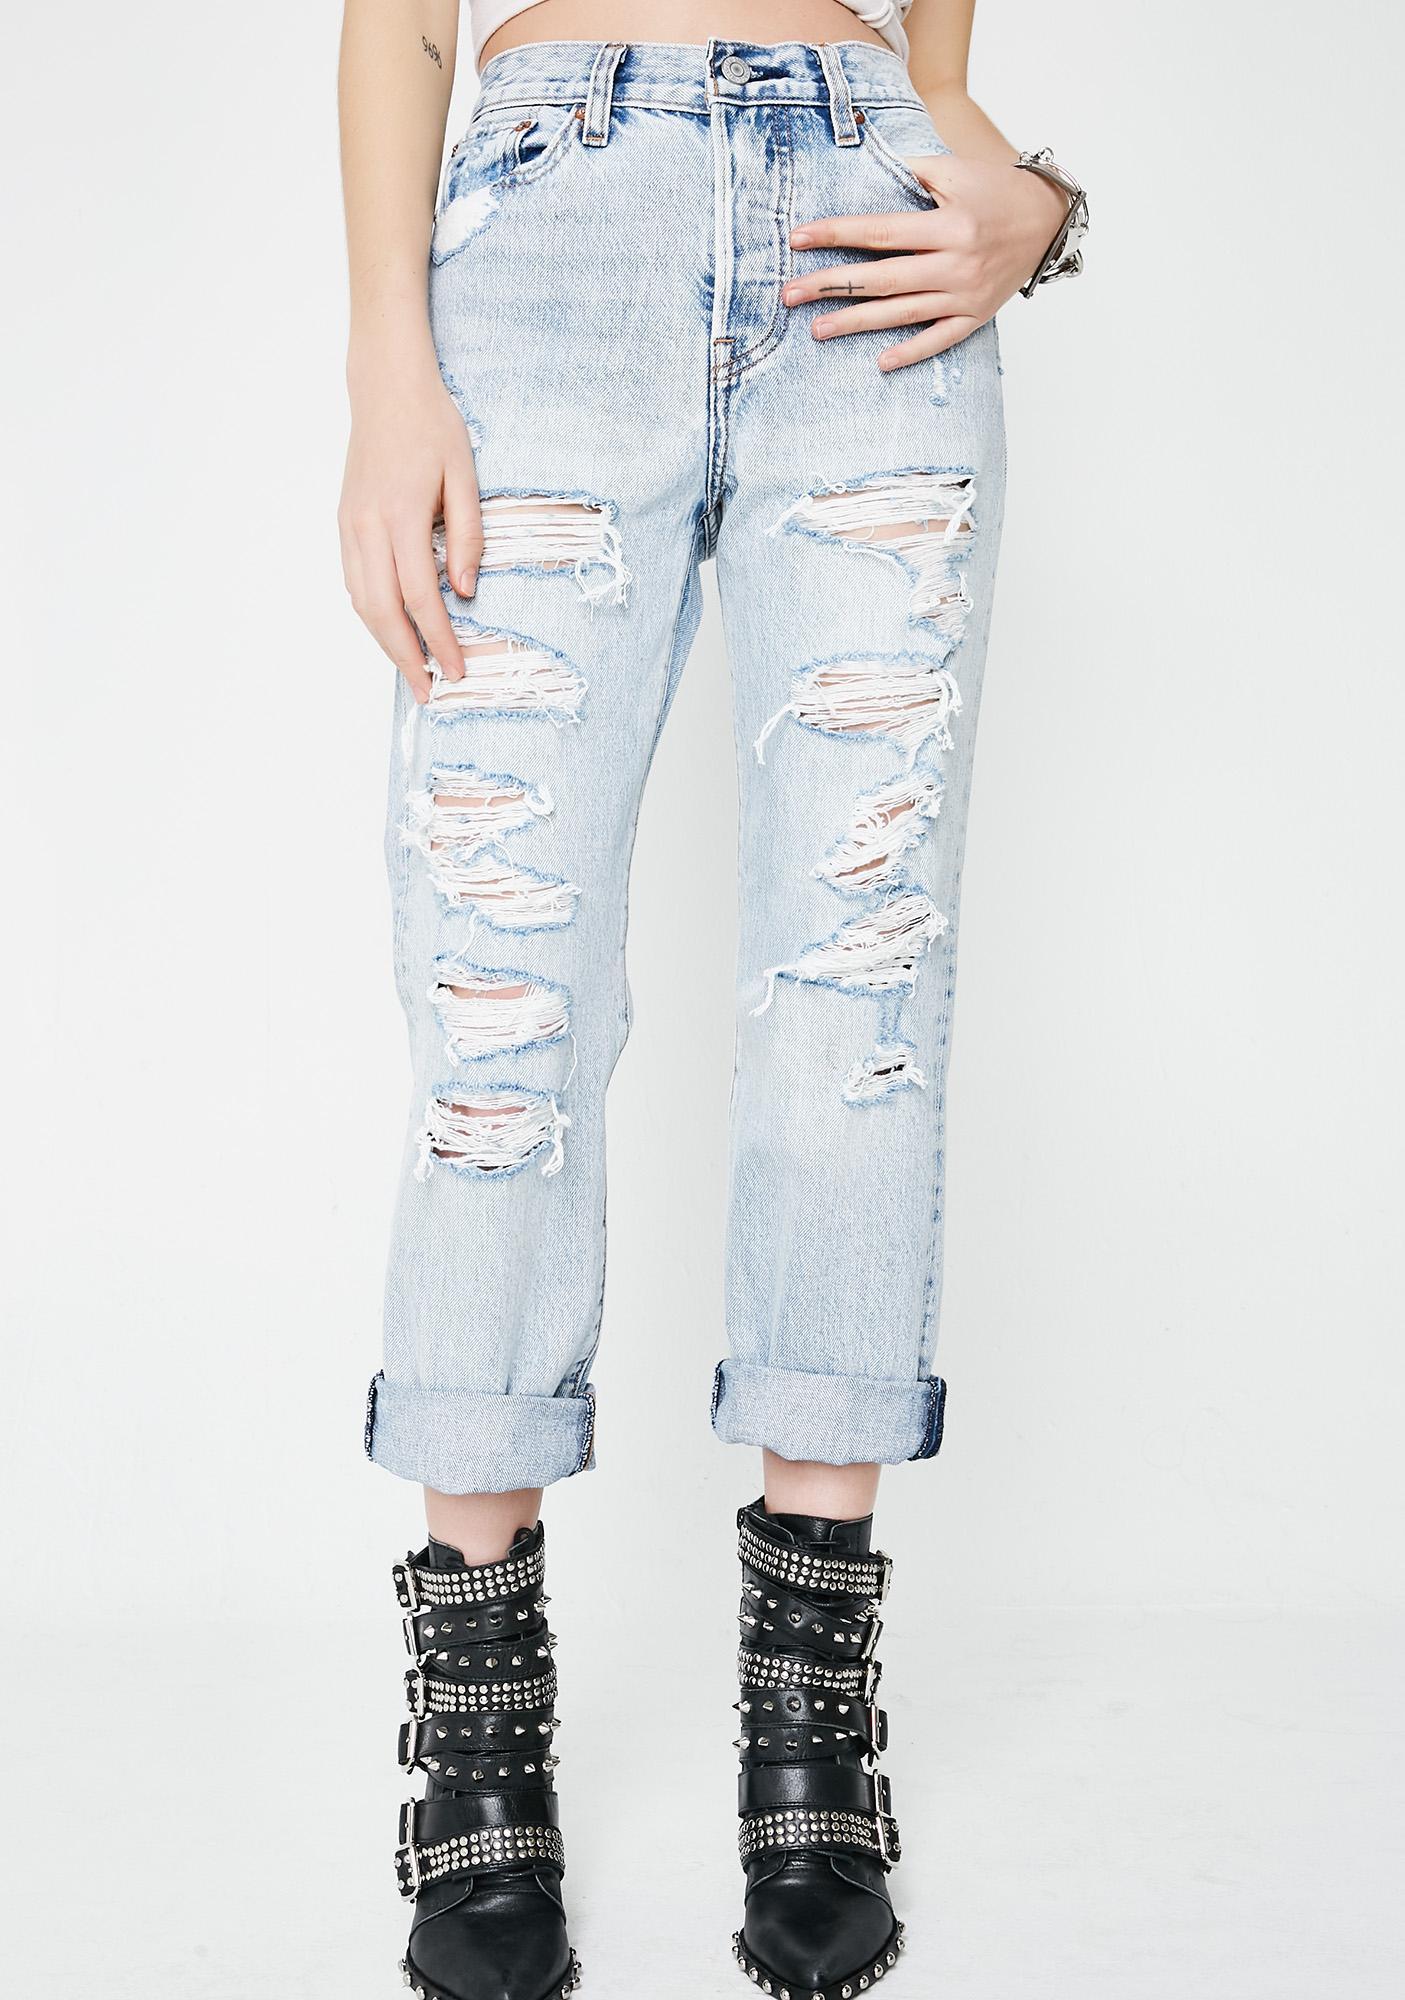 Levis Mass Destruction Jeans